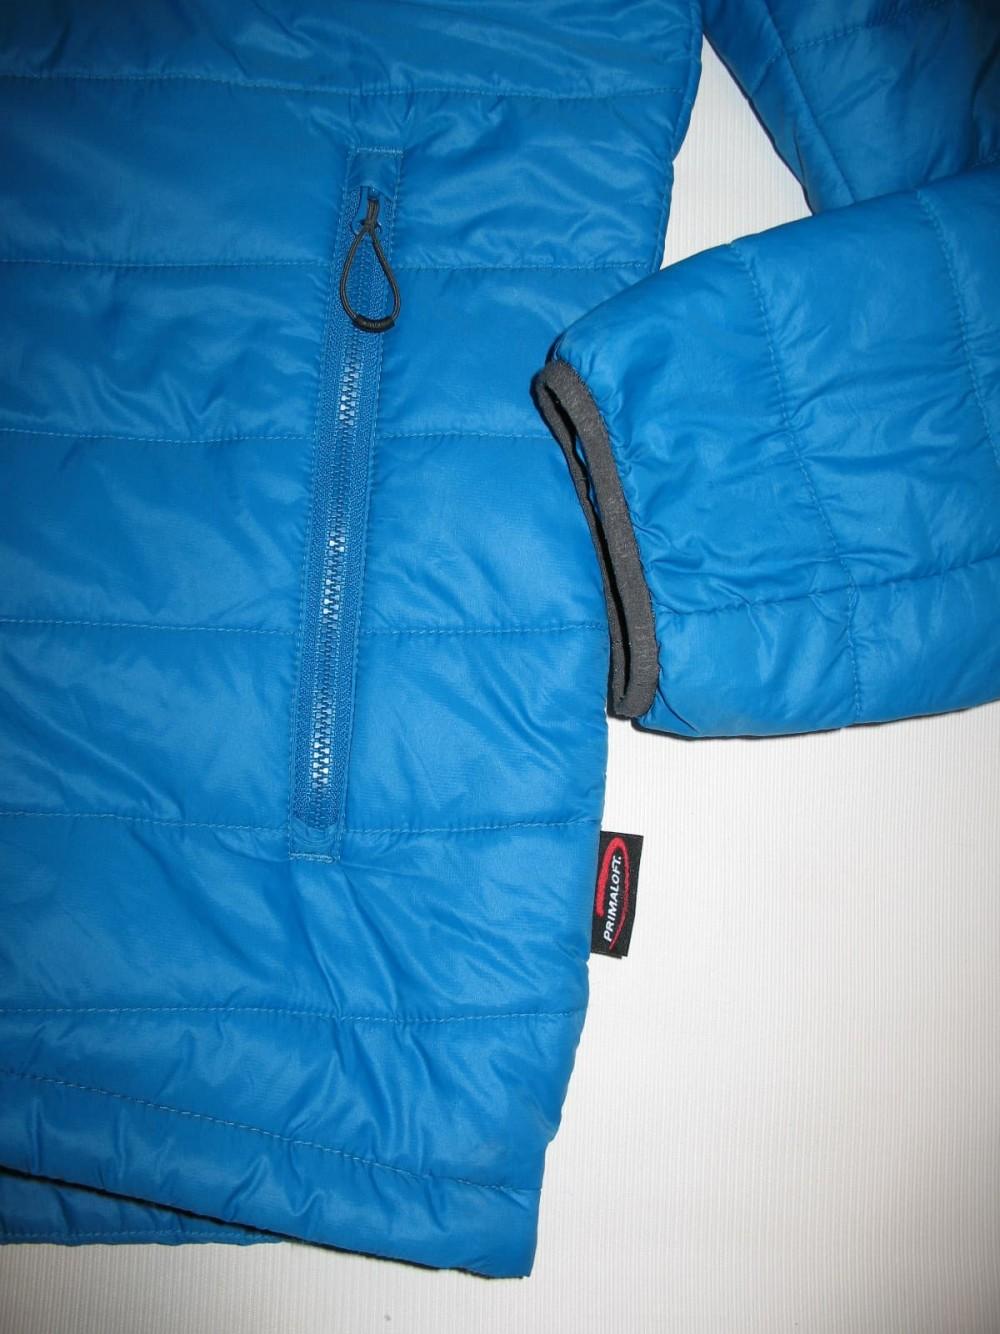 Куртка McKINLEY cando primaloft 100 jacket (размер XL) - 7